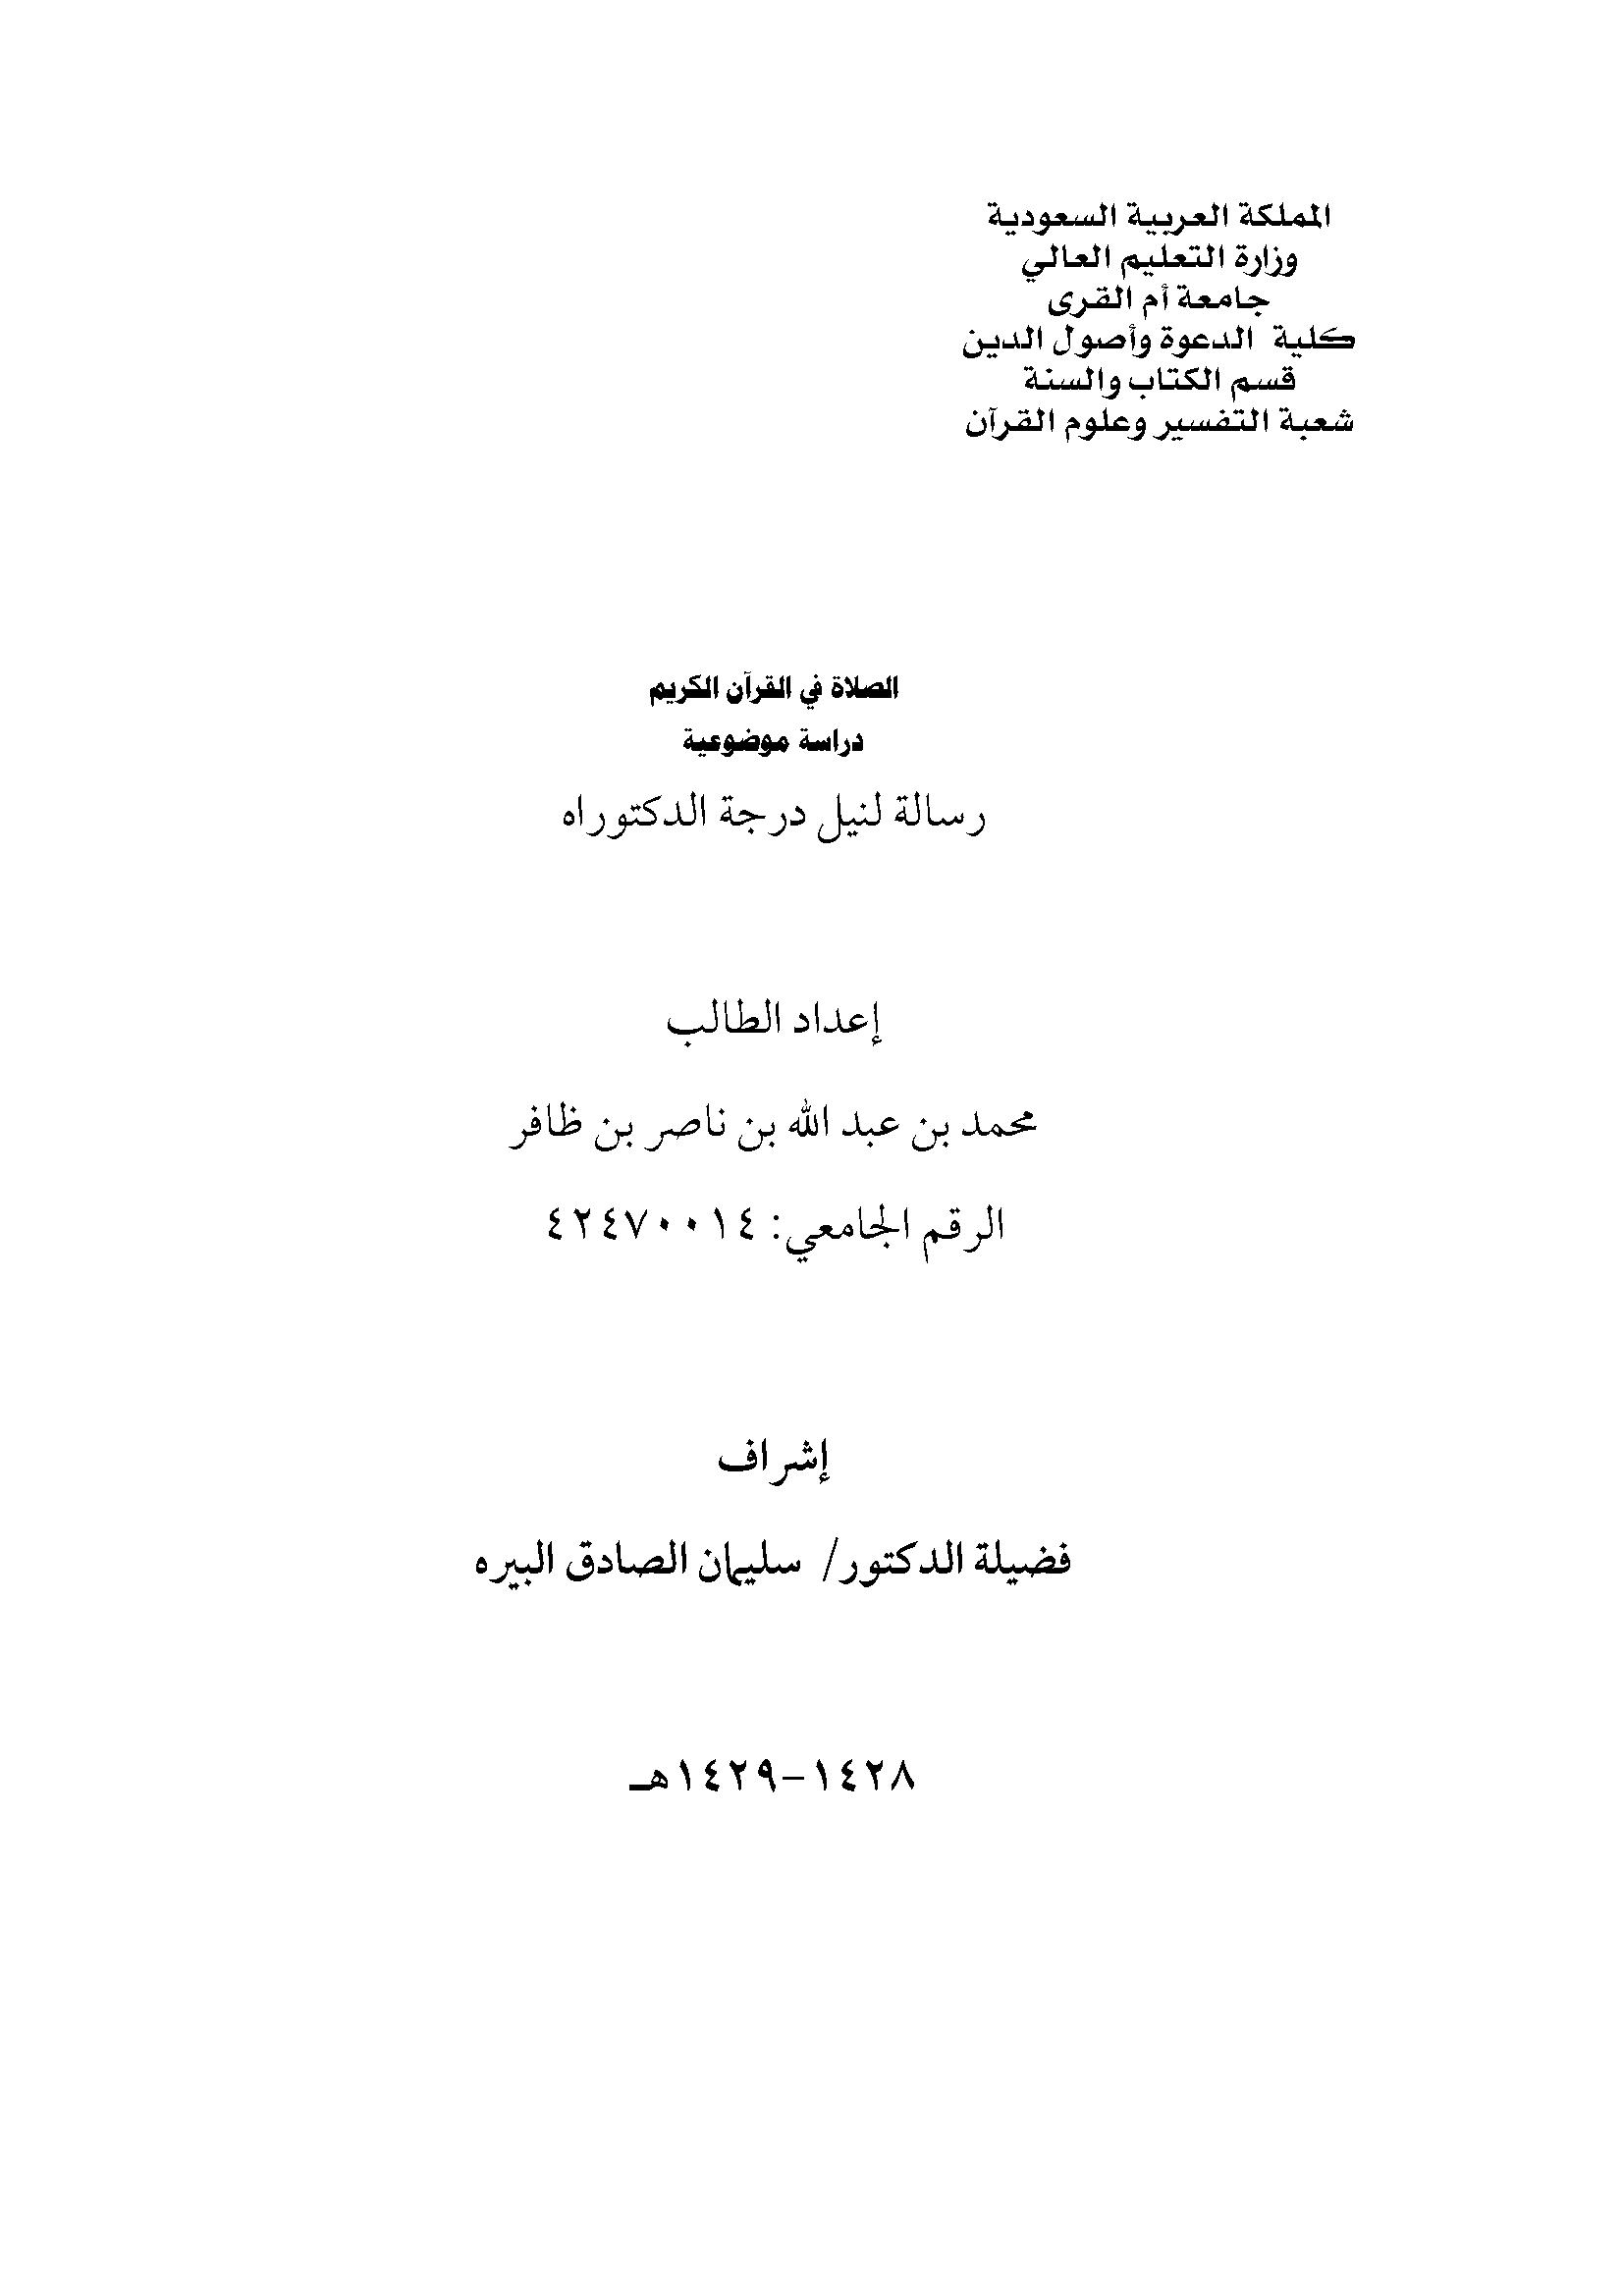 تحميل كتاب الصلاة في القرآن الكريم (دراسة موضوعية) لـِ: الدكتور محمد بن عبد الله بن ناصر بن ظافر